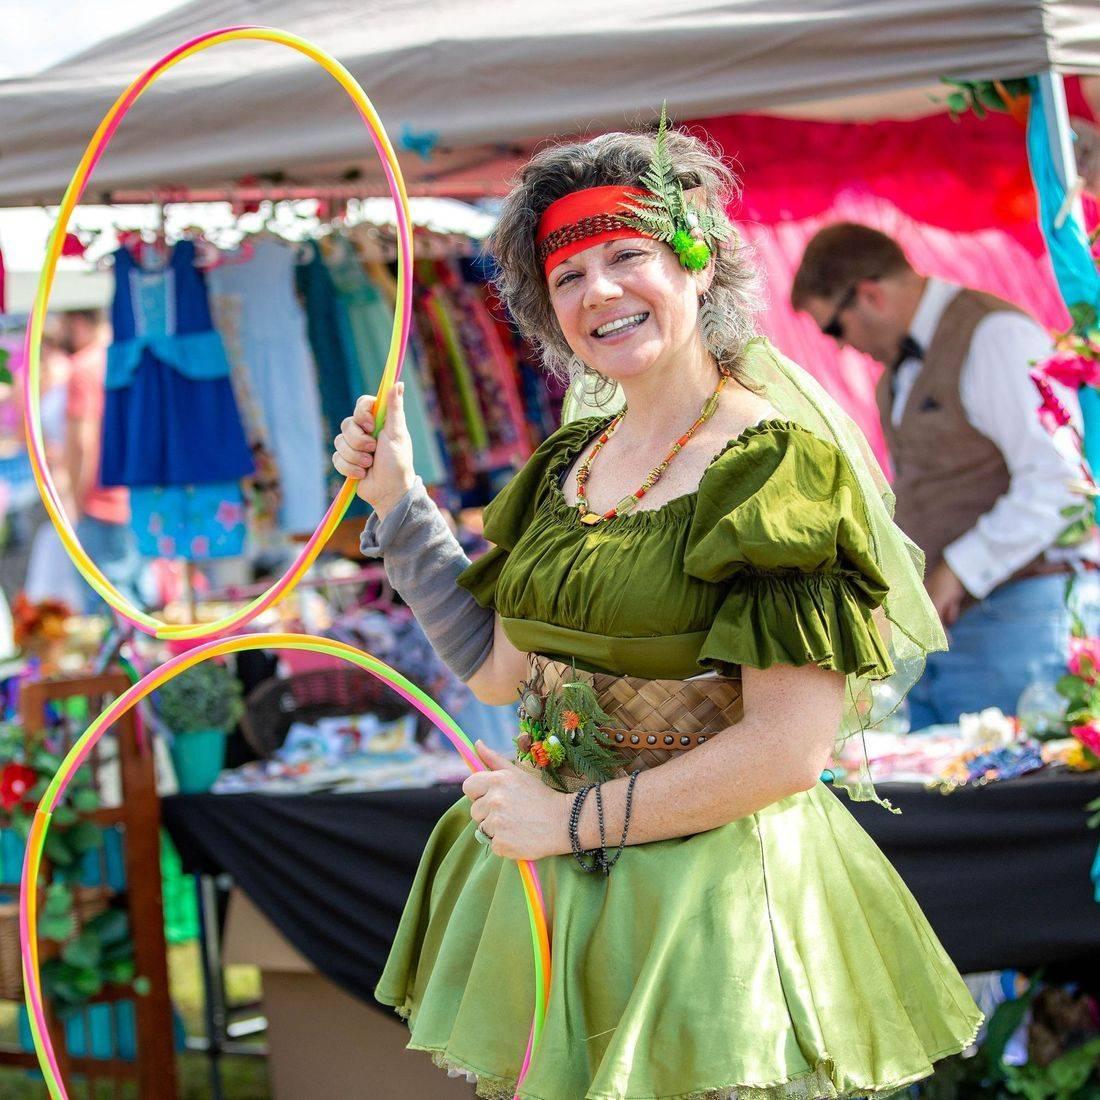 hula hoop, fairy costume